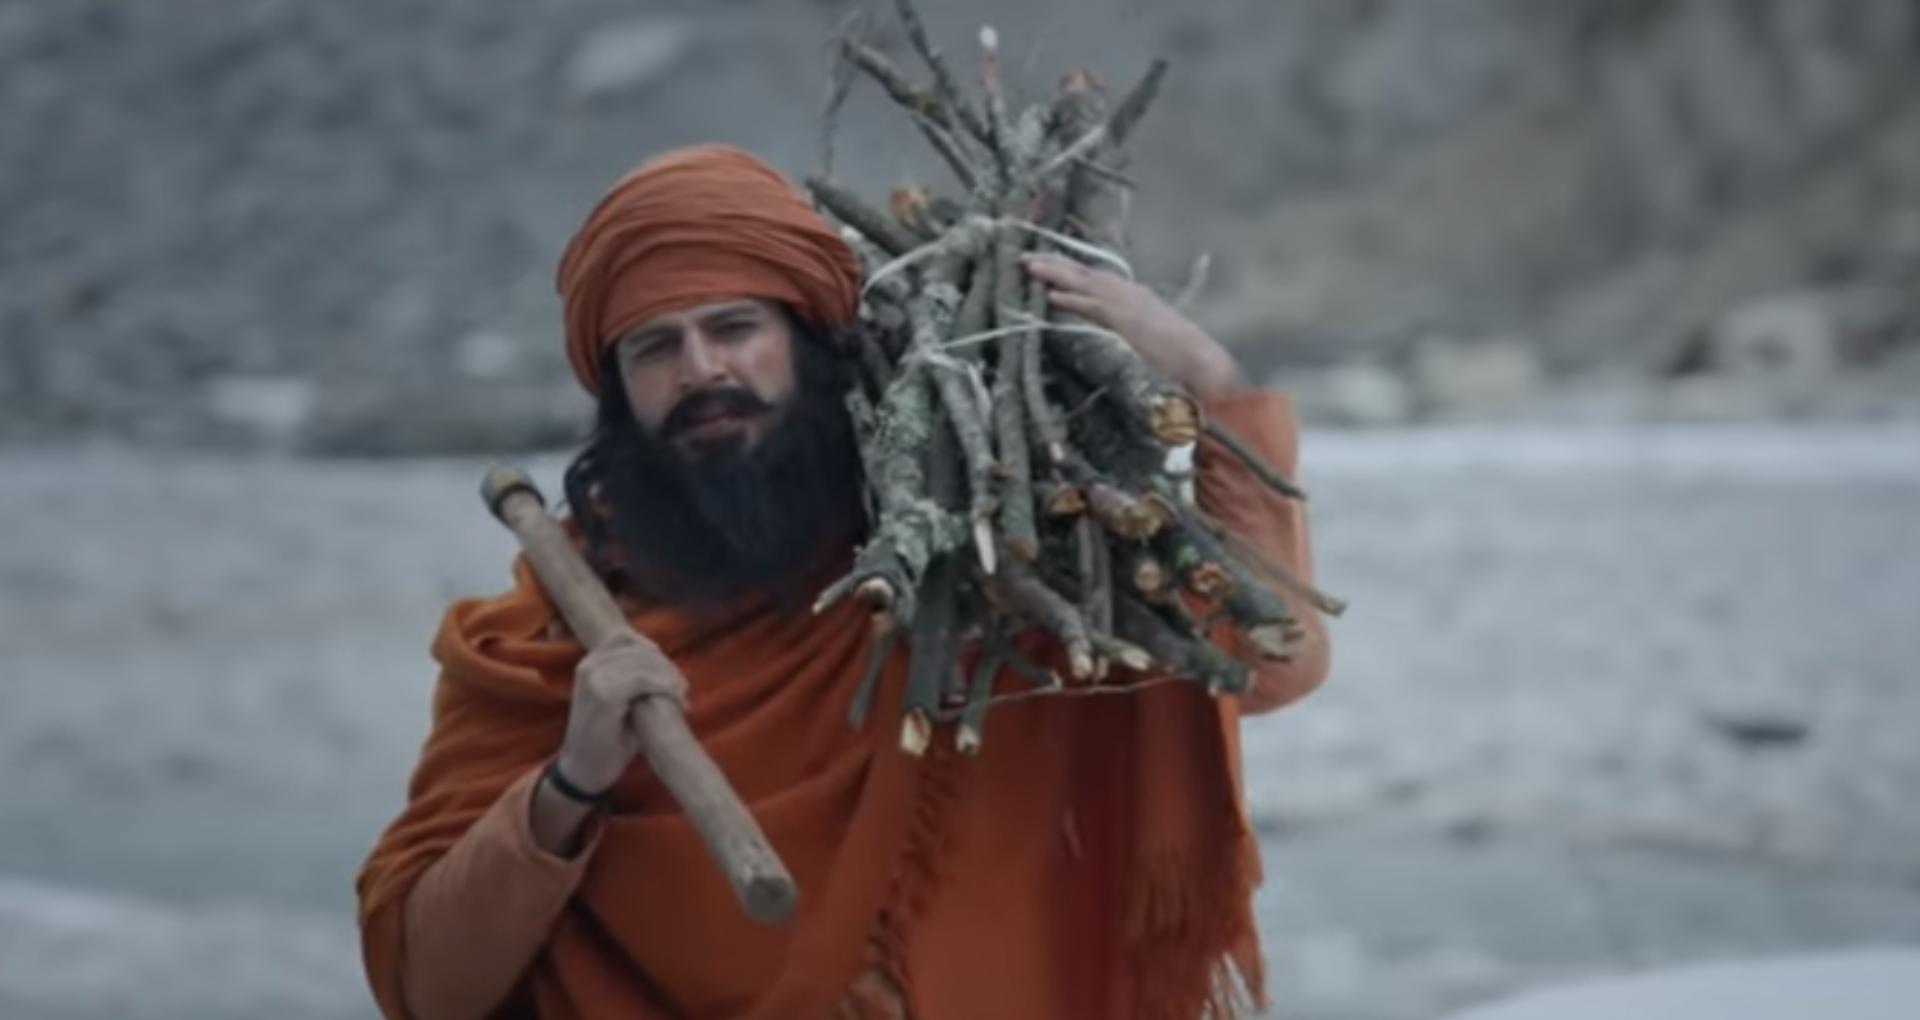 फिल्म पीएम नरेंद्र मोदी का 'फकीरा' सॉन्ग हुआ रिलीज, दिखाई दी मकसद की तलाश और जीवन संघर्ष की कहानी